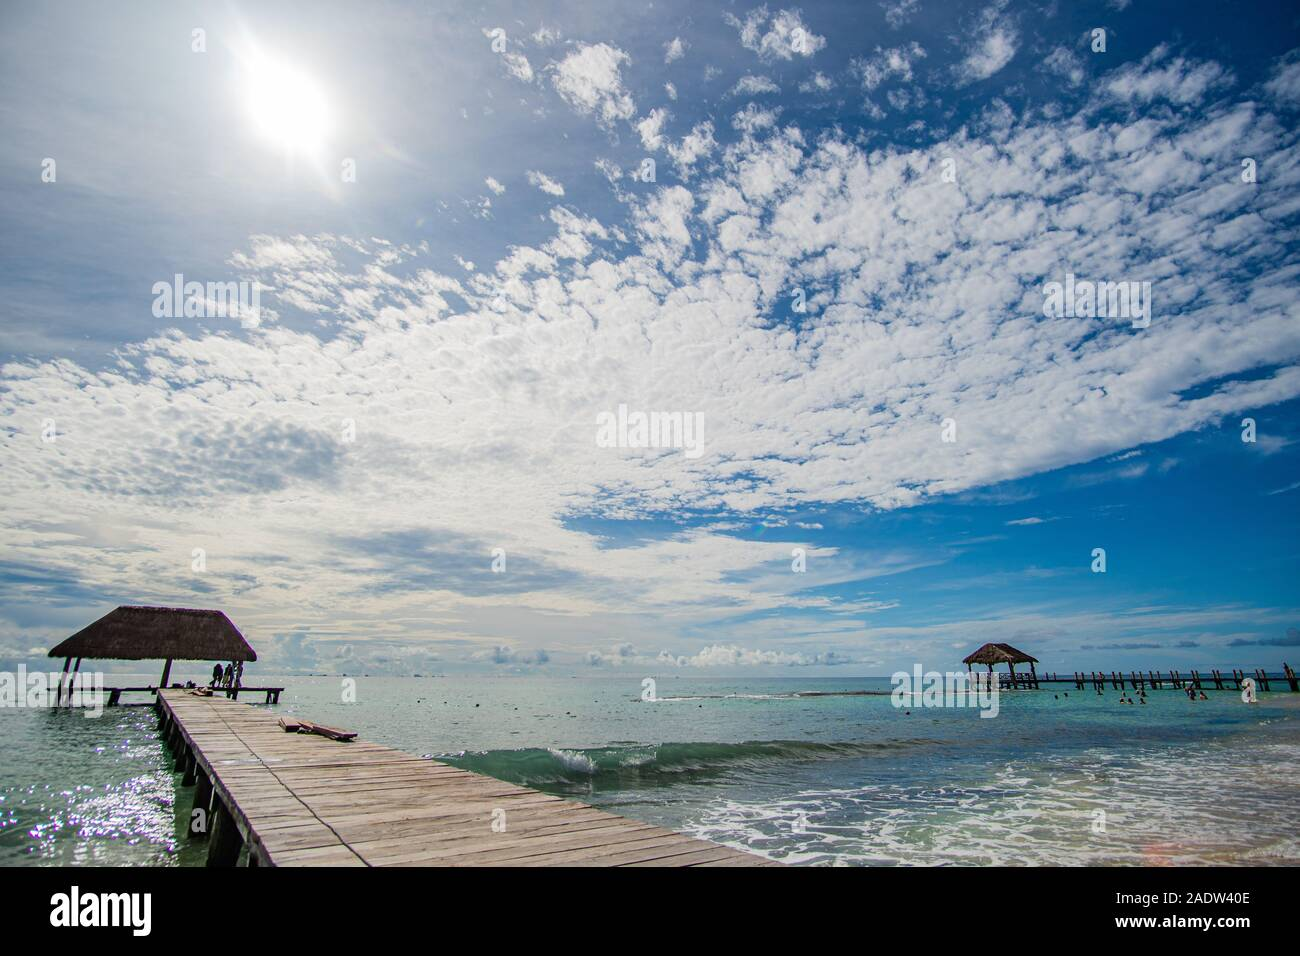 Passerelle en bois en de magnifiques avec la mer des Caraïbes et l'eau turquoise parfait ciel incroyable Banque D'Images